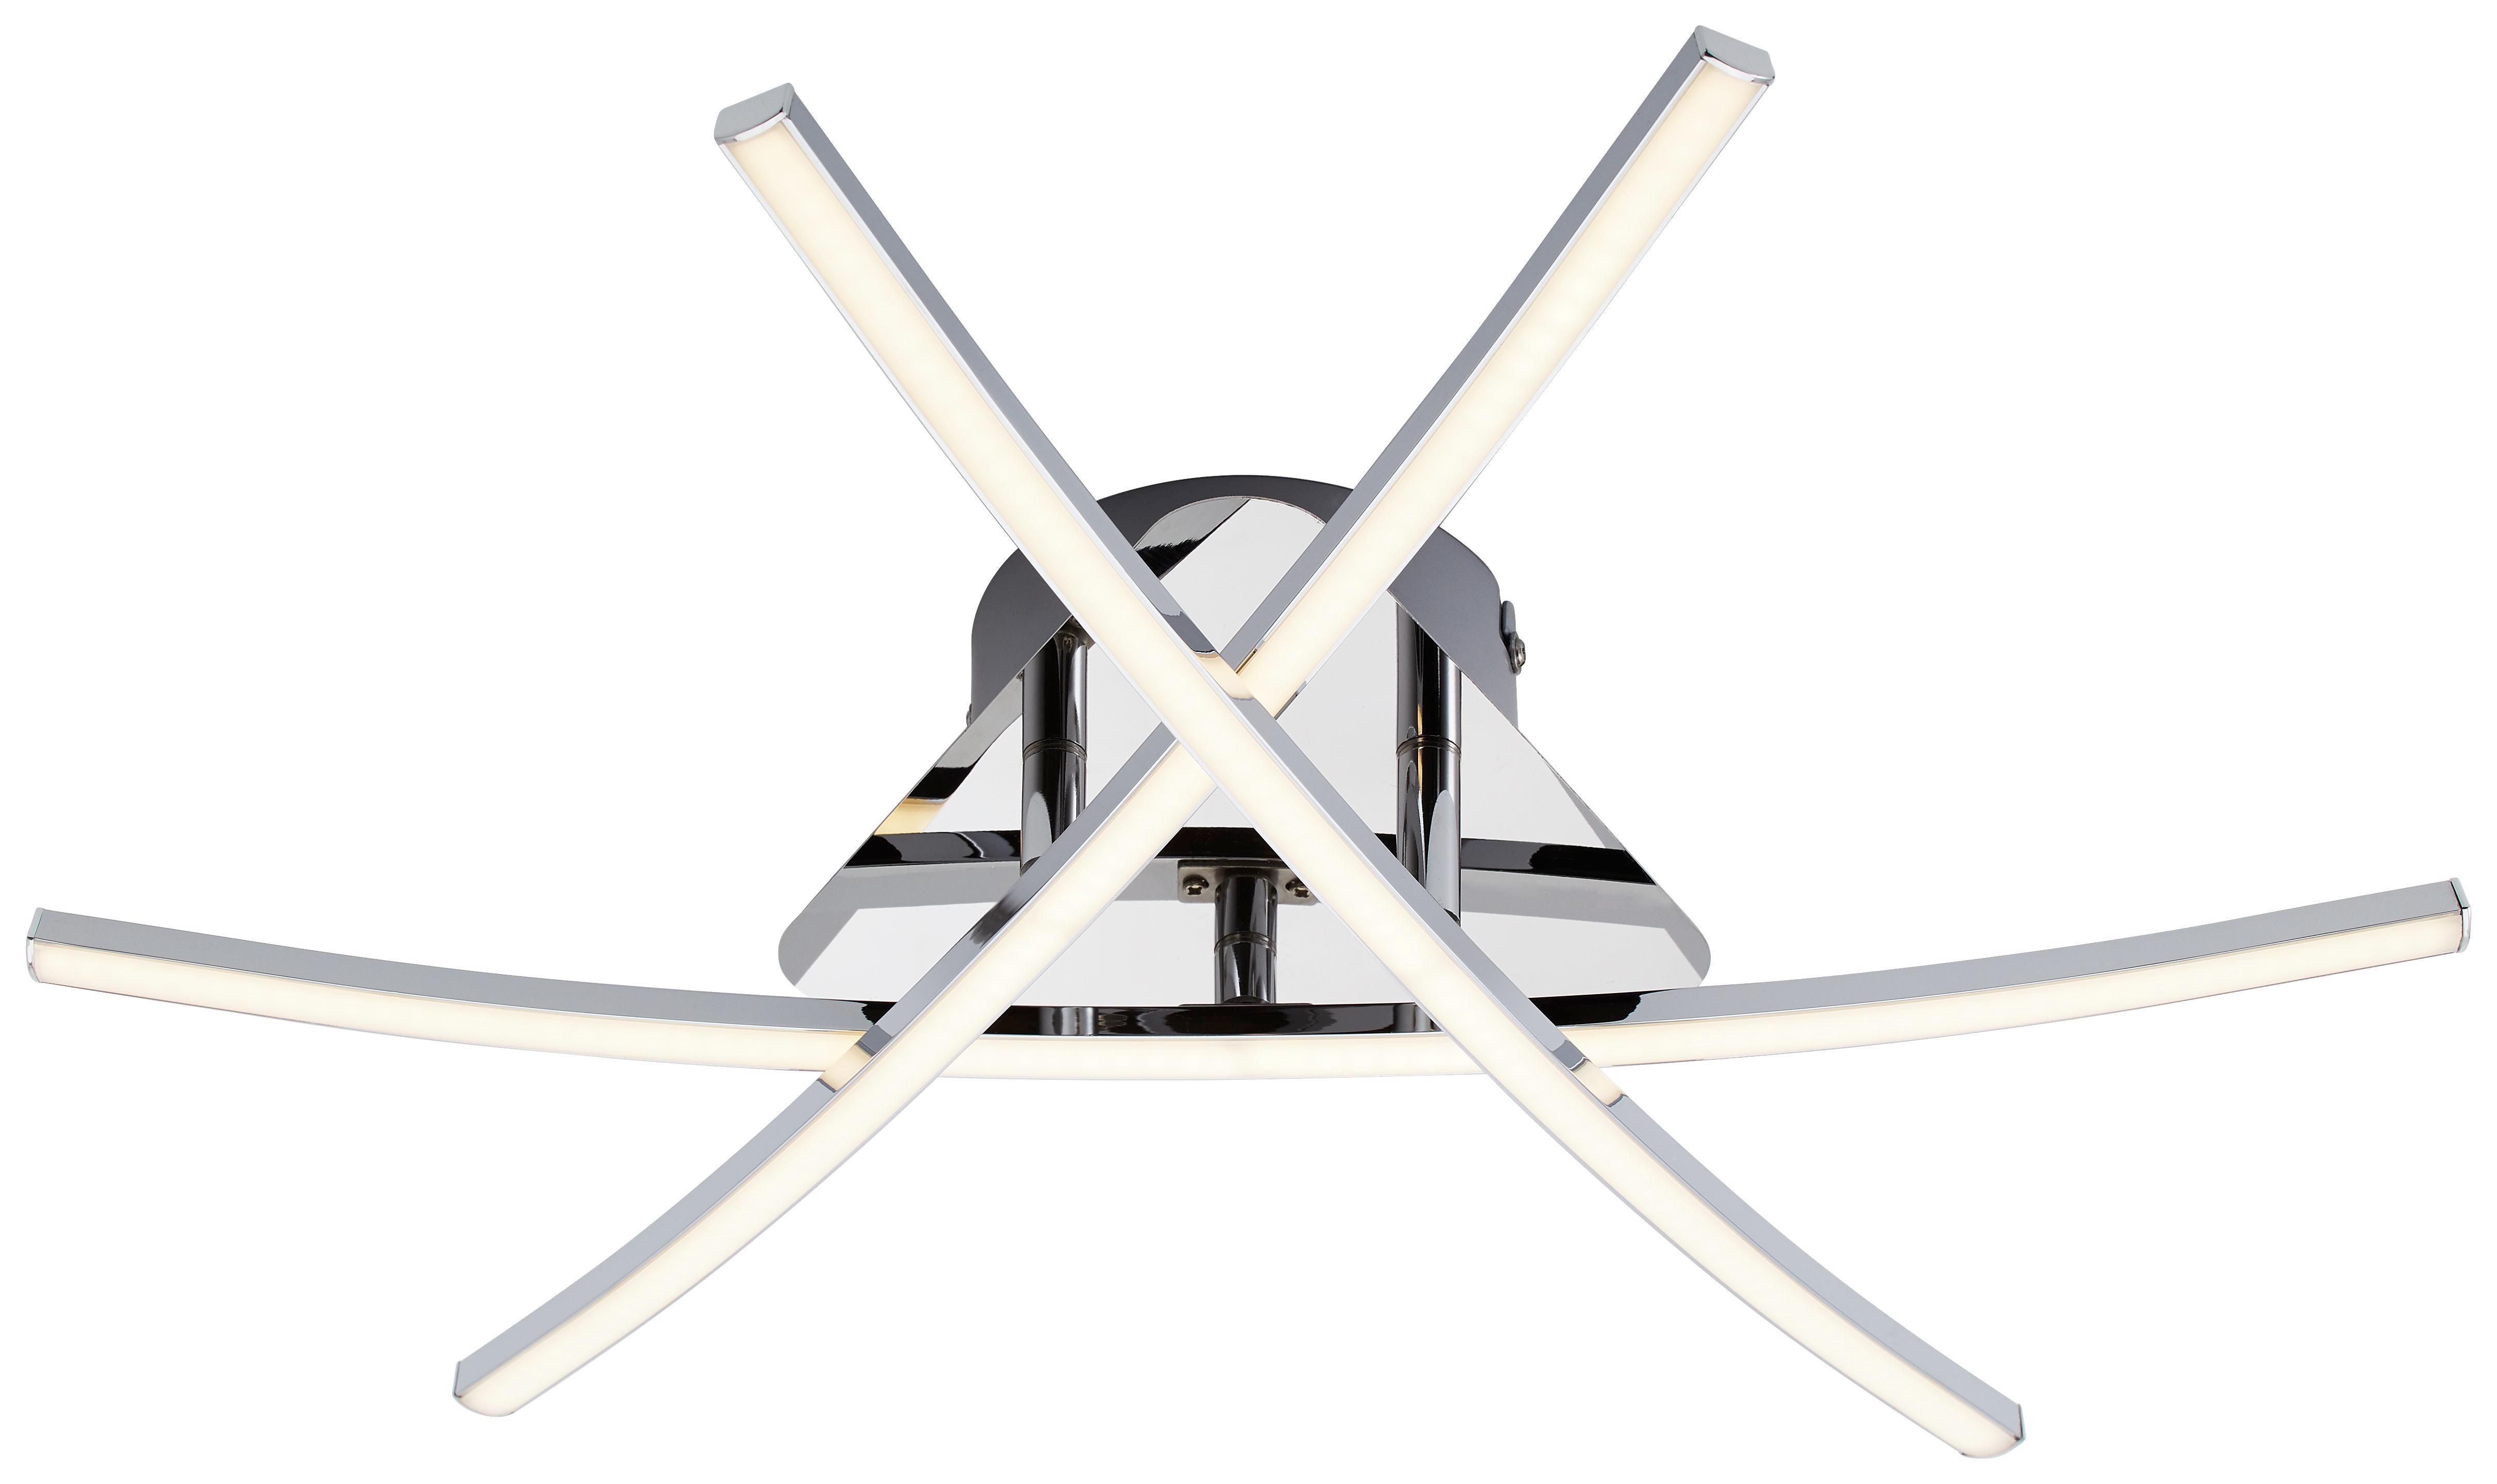 LED-DECKENLEUCHTE - Chromfarben, Design, Metall - NOVEL